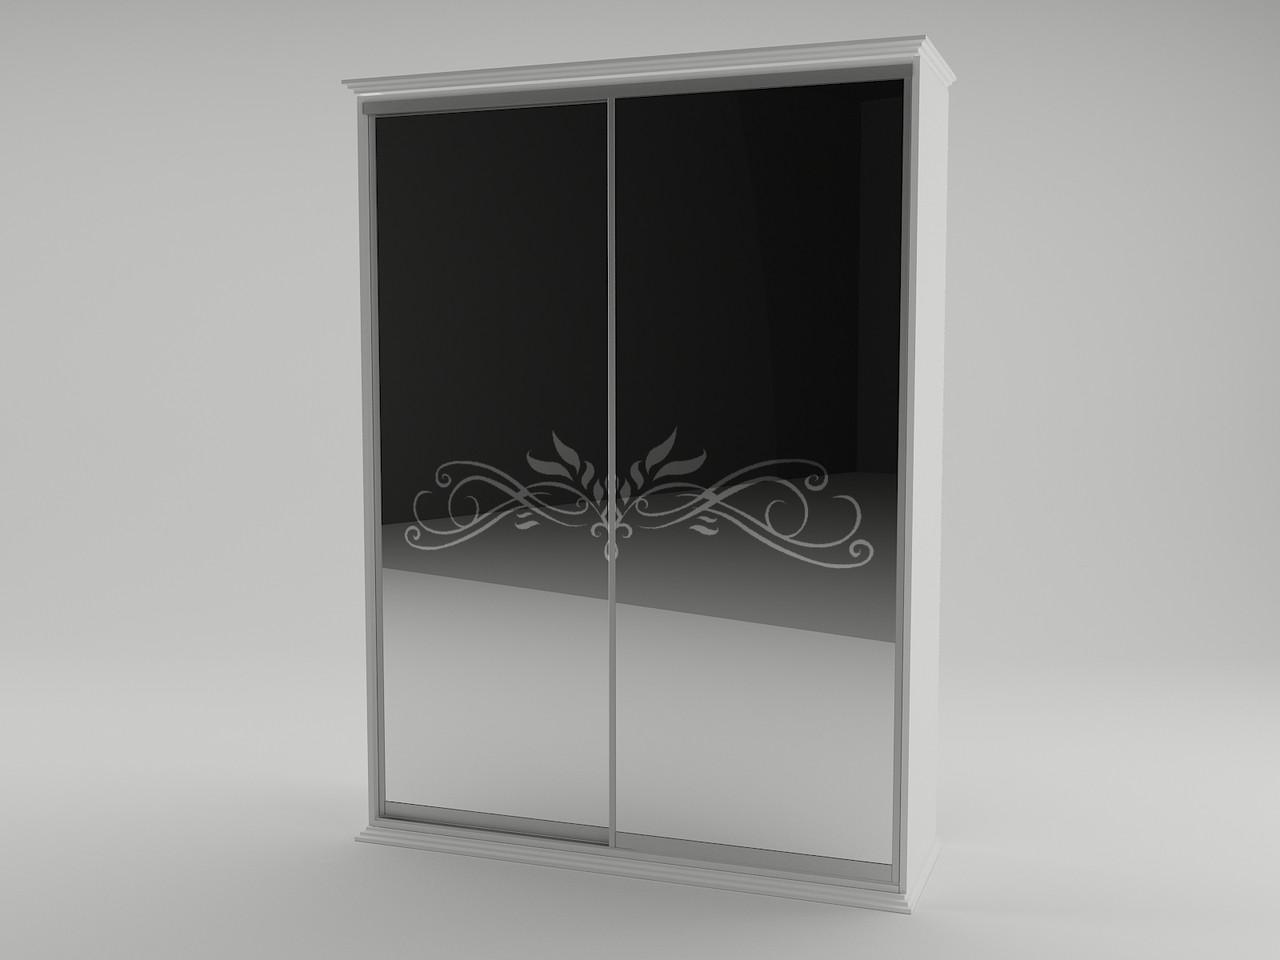 Шкаф 2 дв. Анабель (белый супер мат)